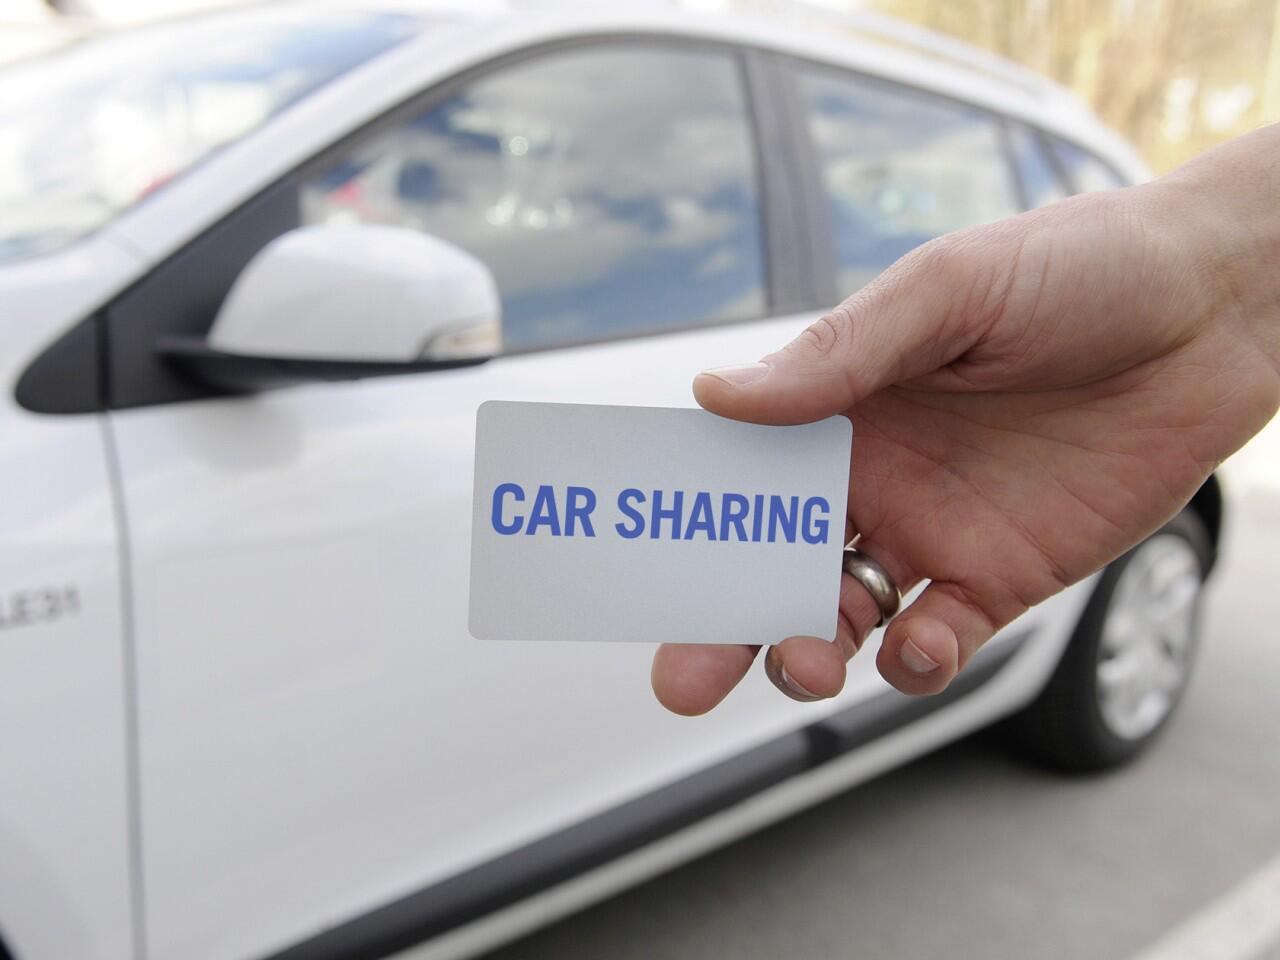 Bild zu Carsharing: Ungebrochener Trend in Deutschland